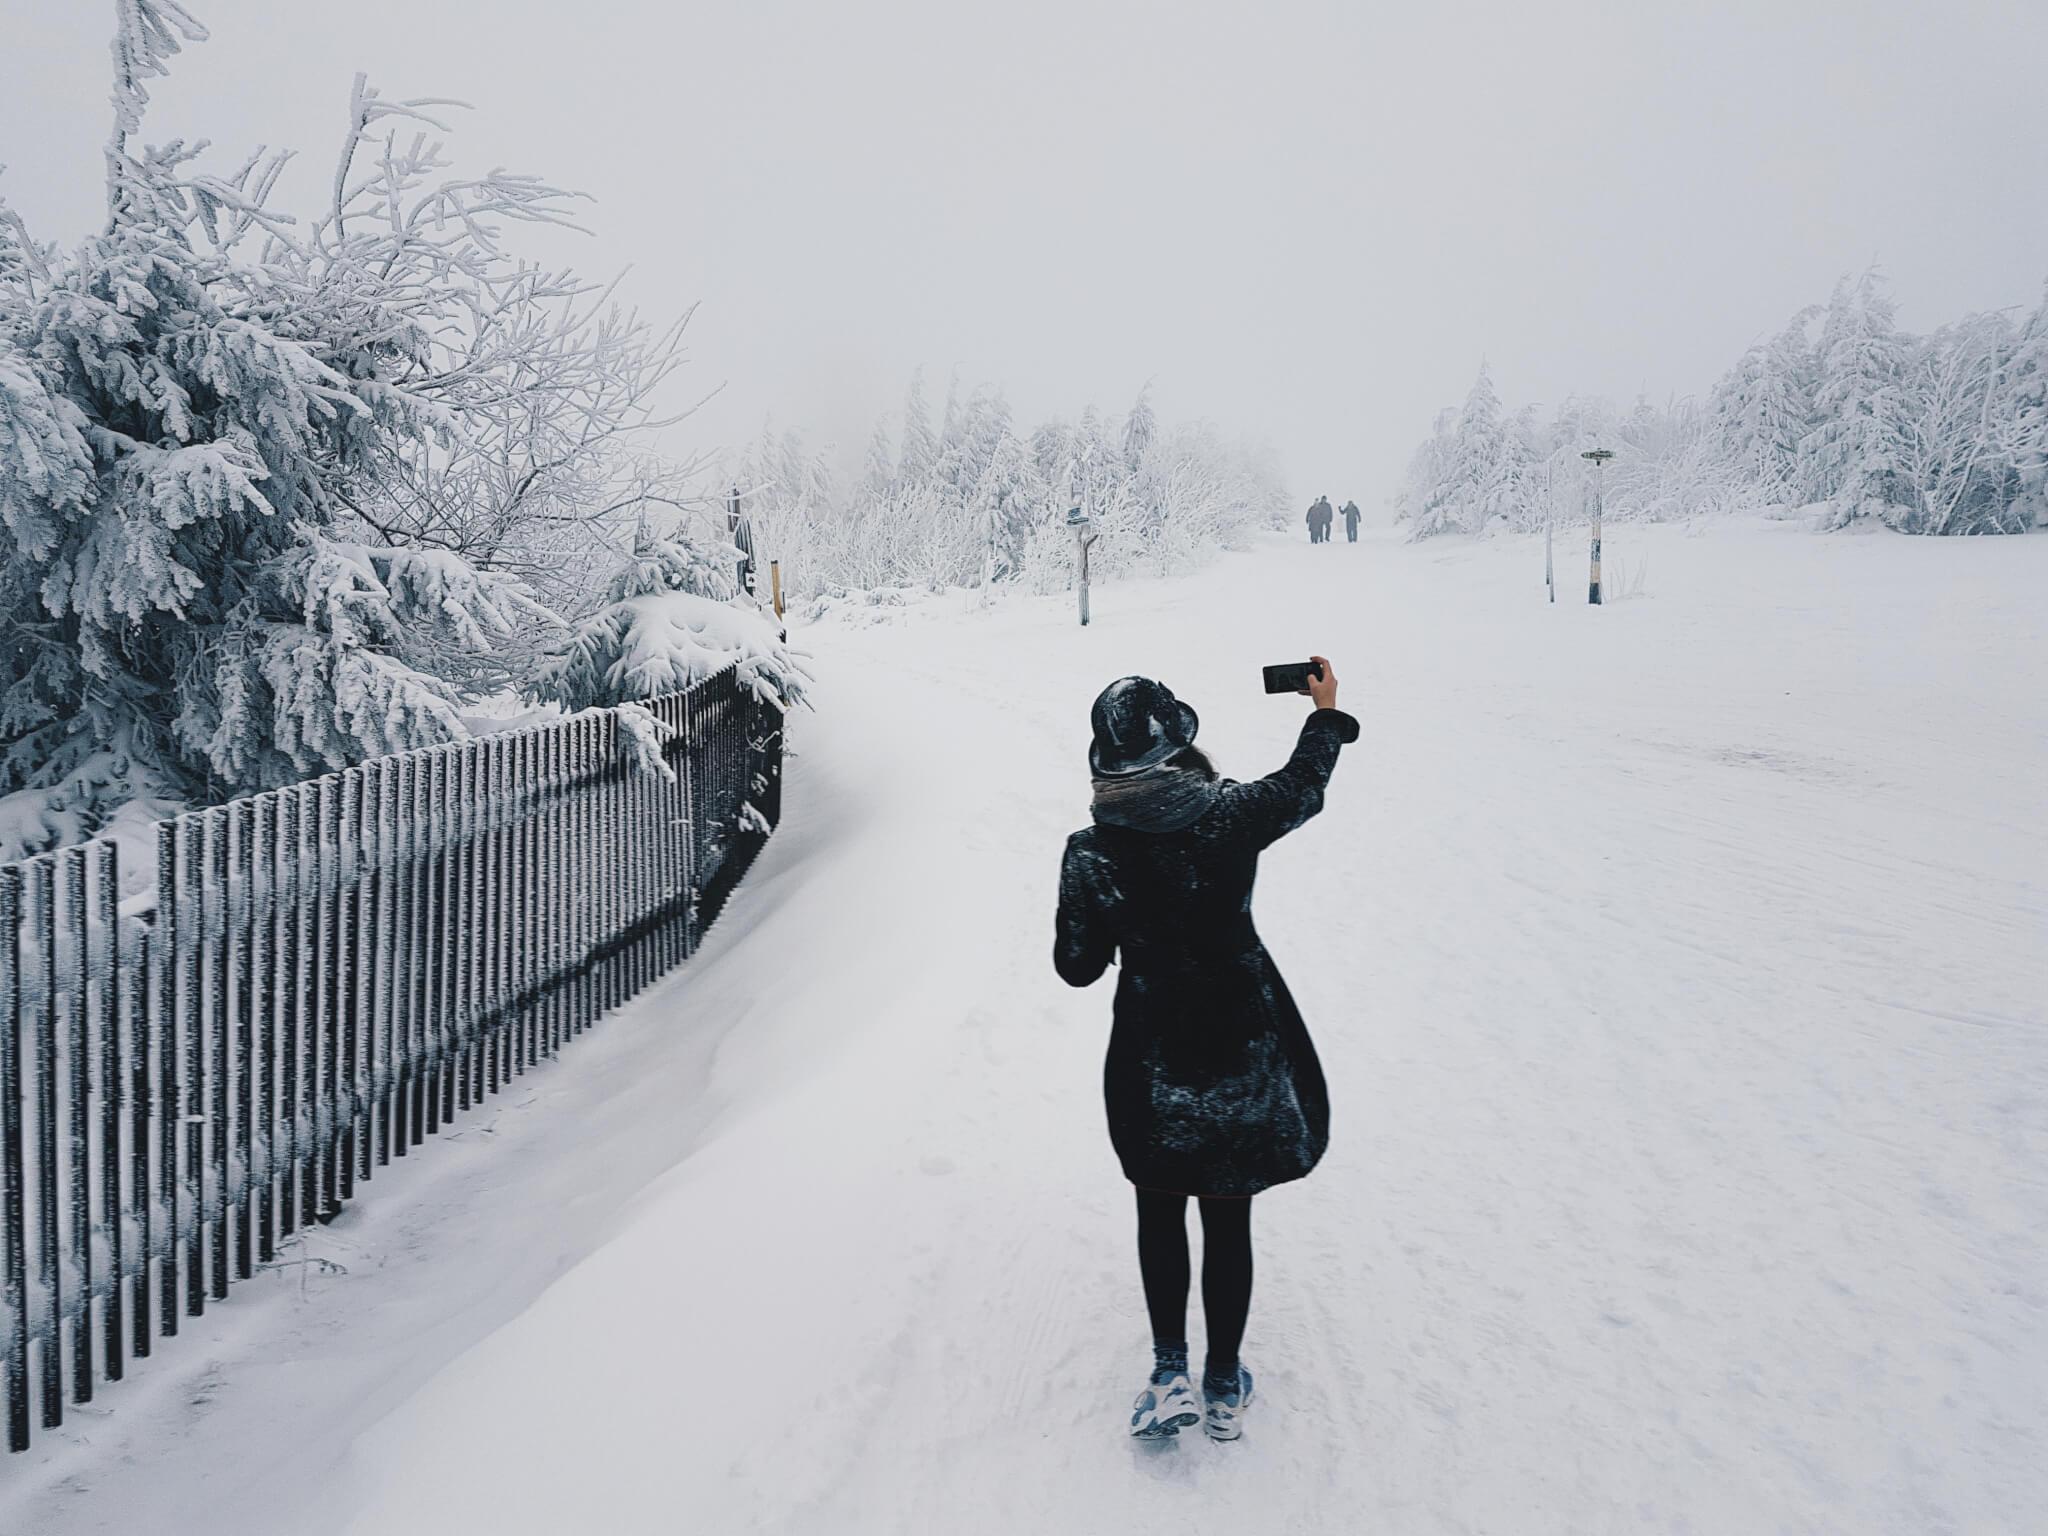 Das Handy im Winter schützen